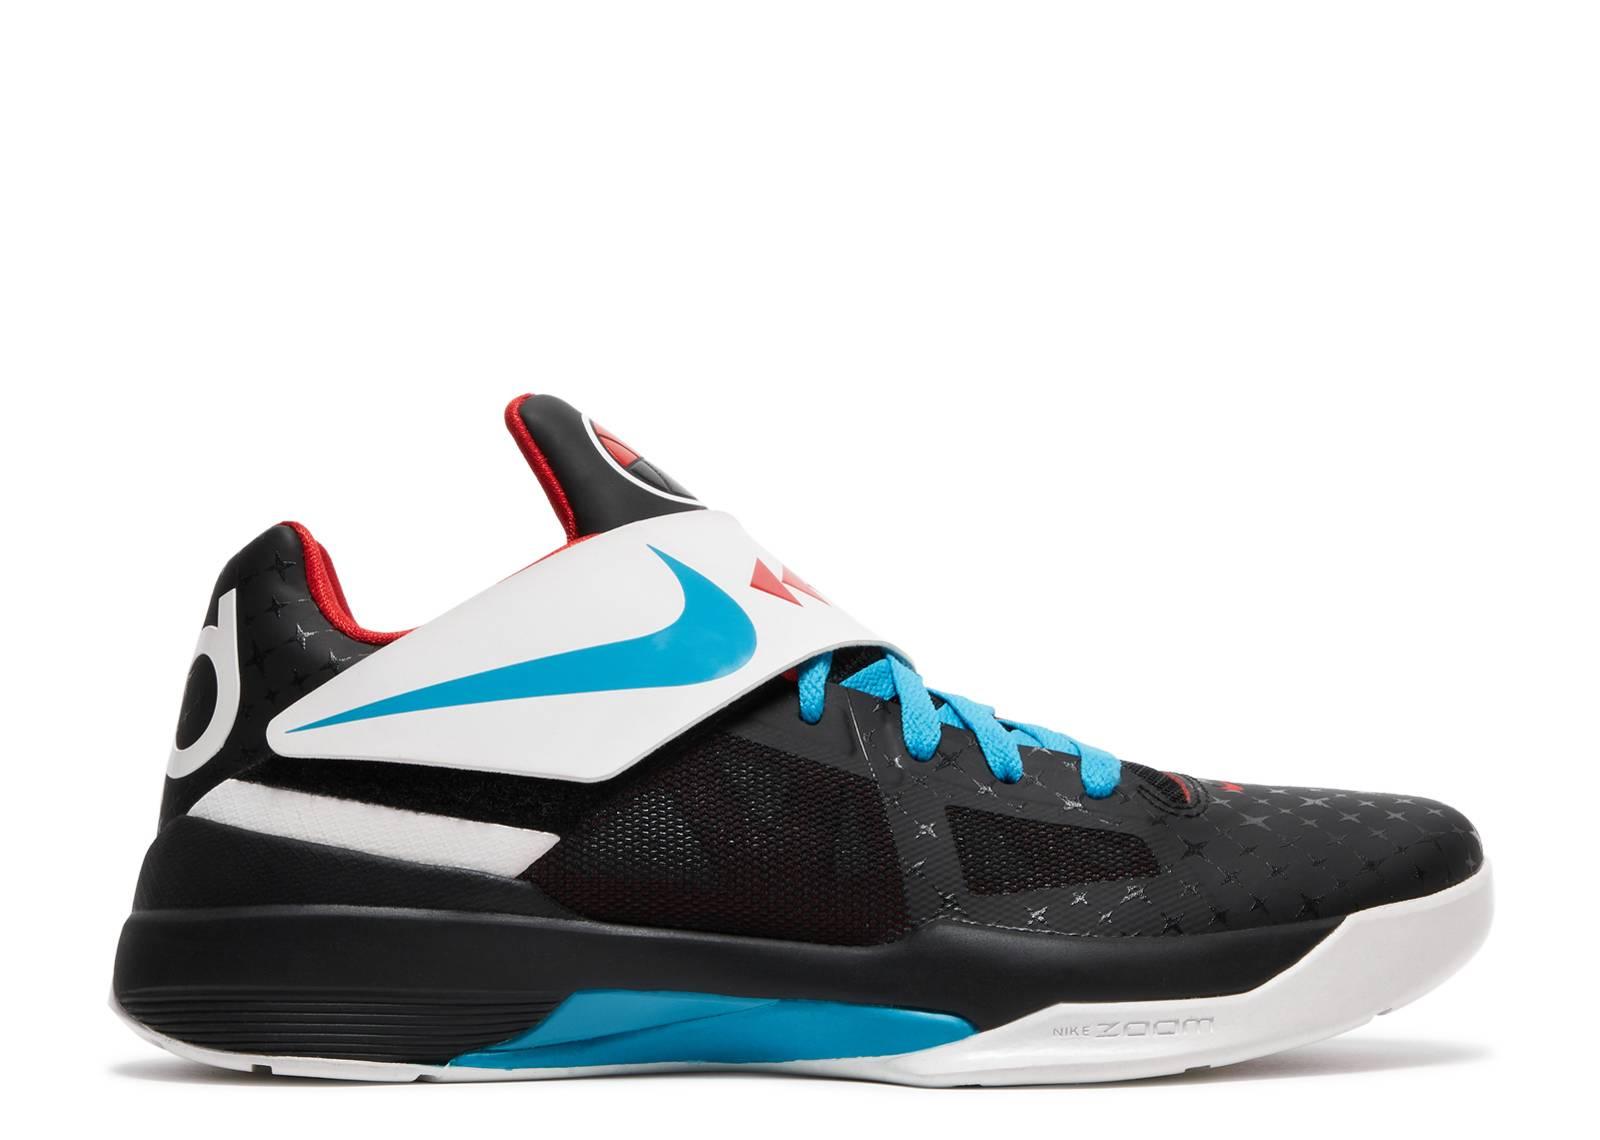 d7524c73e0cb N7 Nike Zoom Kd 4 V2